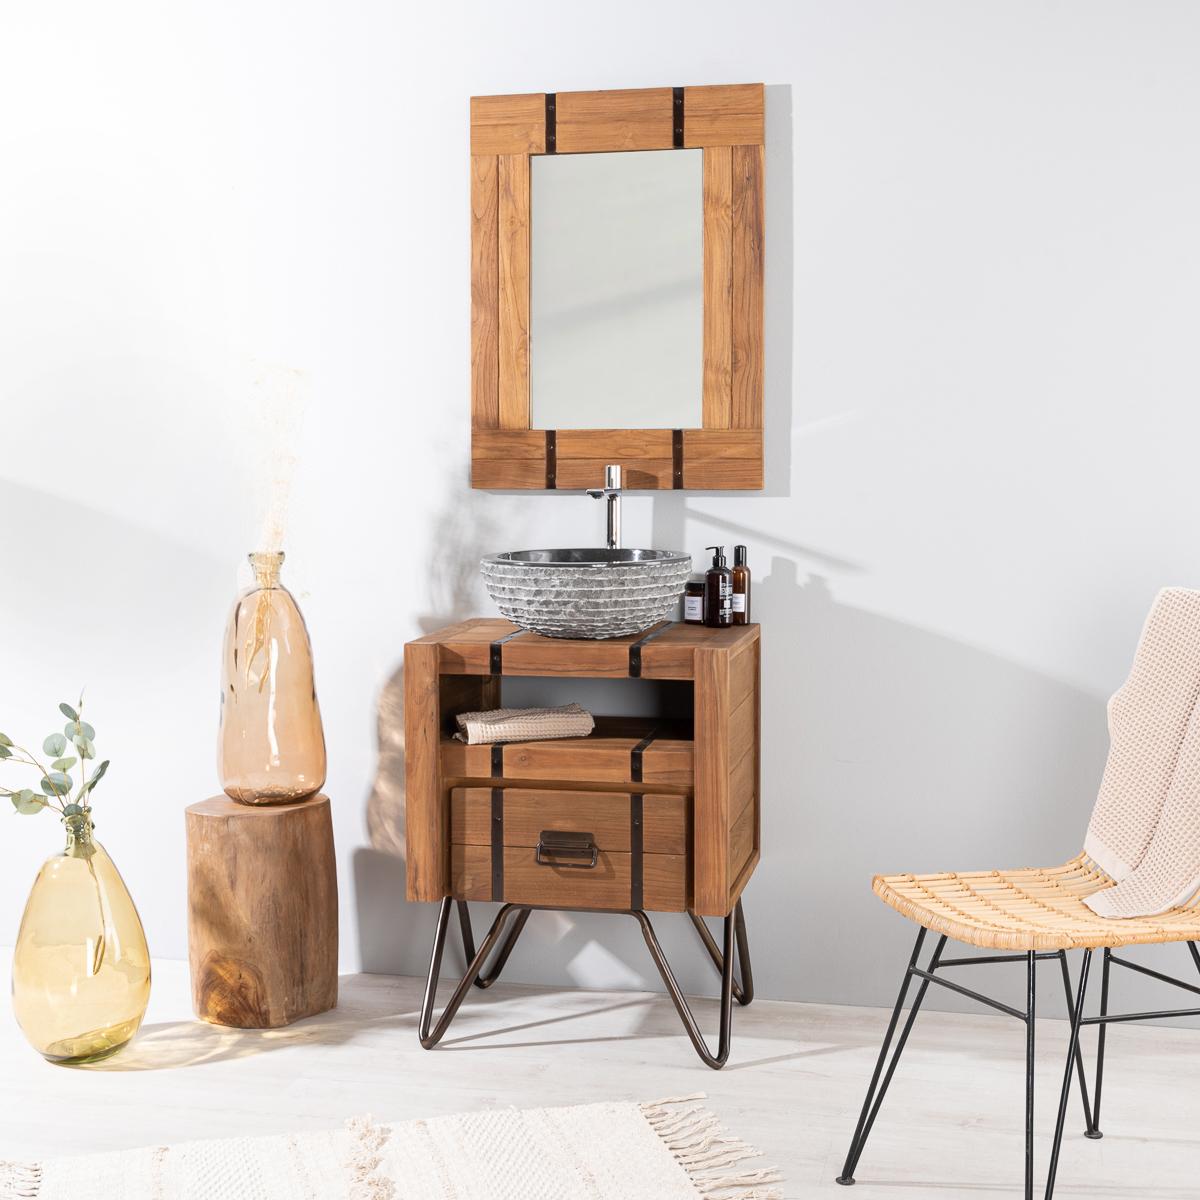 meuble sous vasque simple vasque en bois mindi massif et m tal loft rectangle naturel l. Black Bedroom Furniture Sets. Home Design Ideas